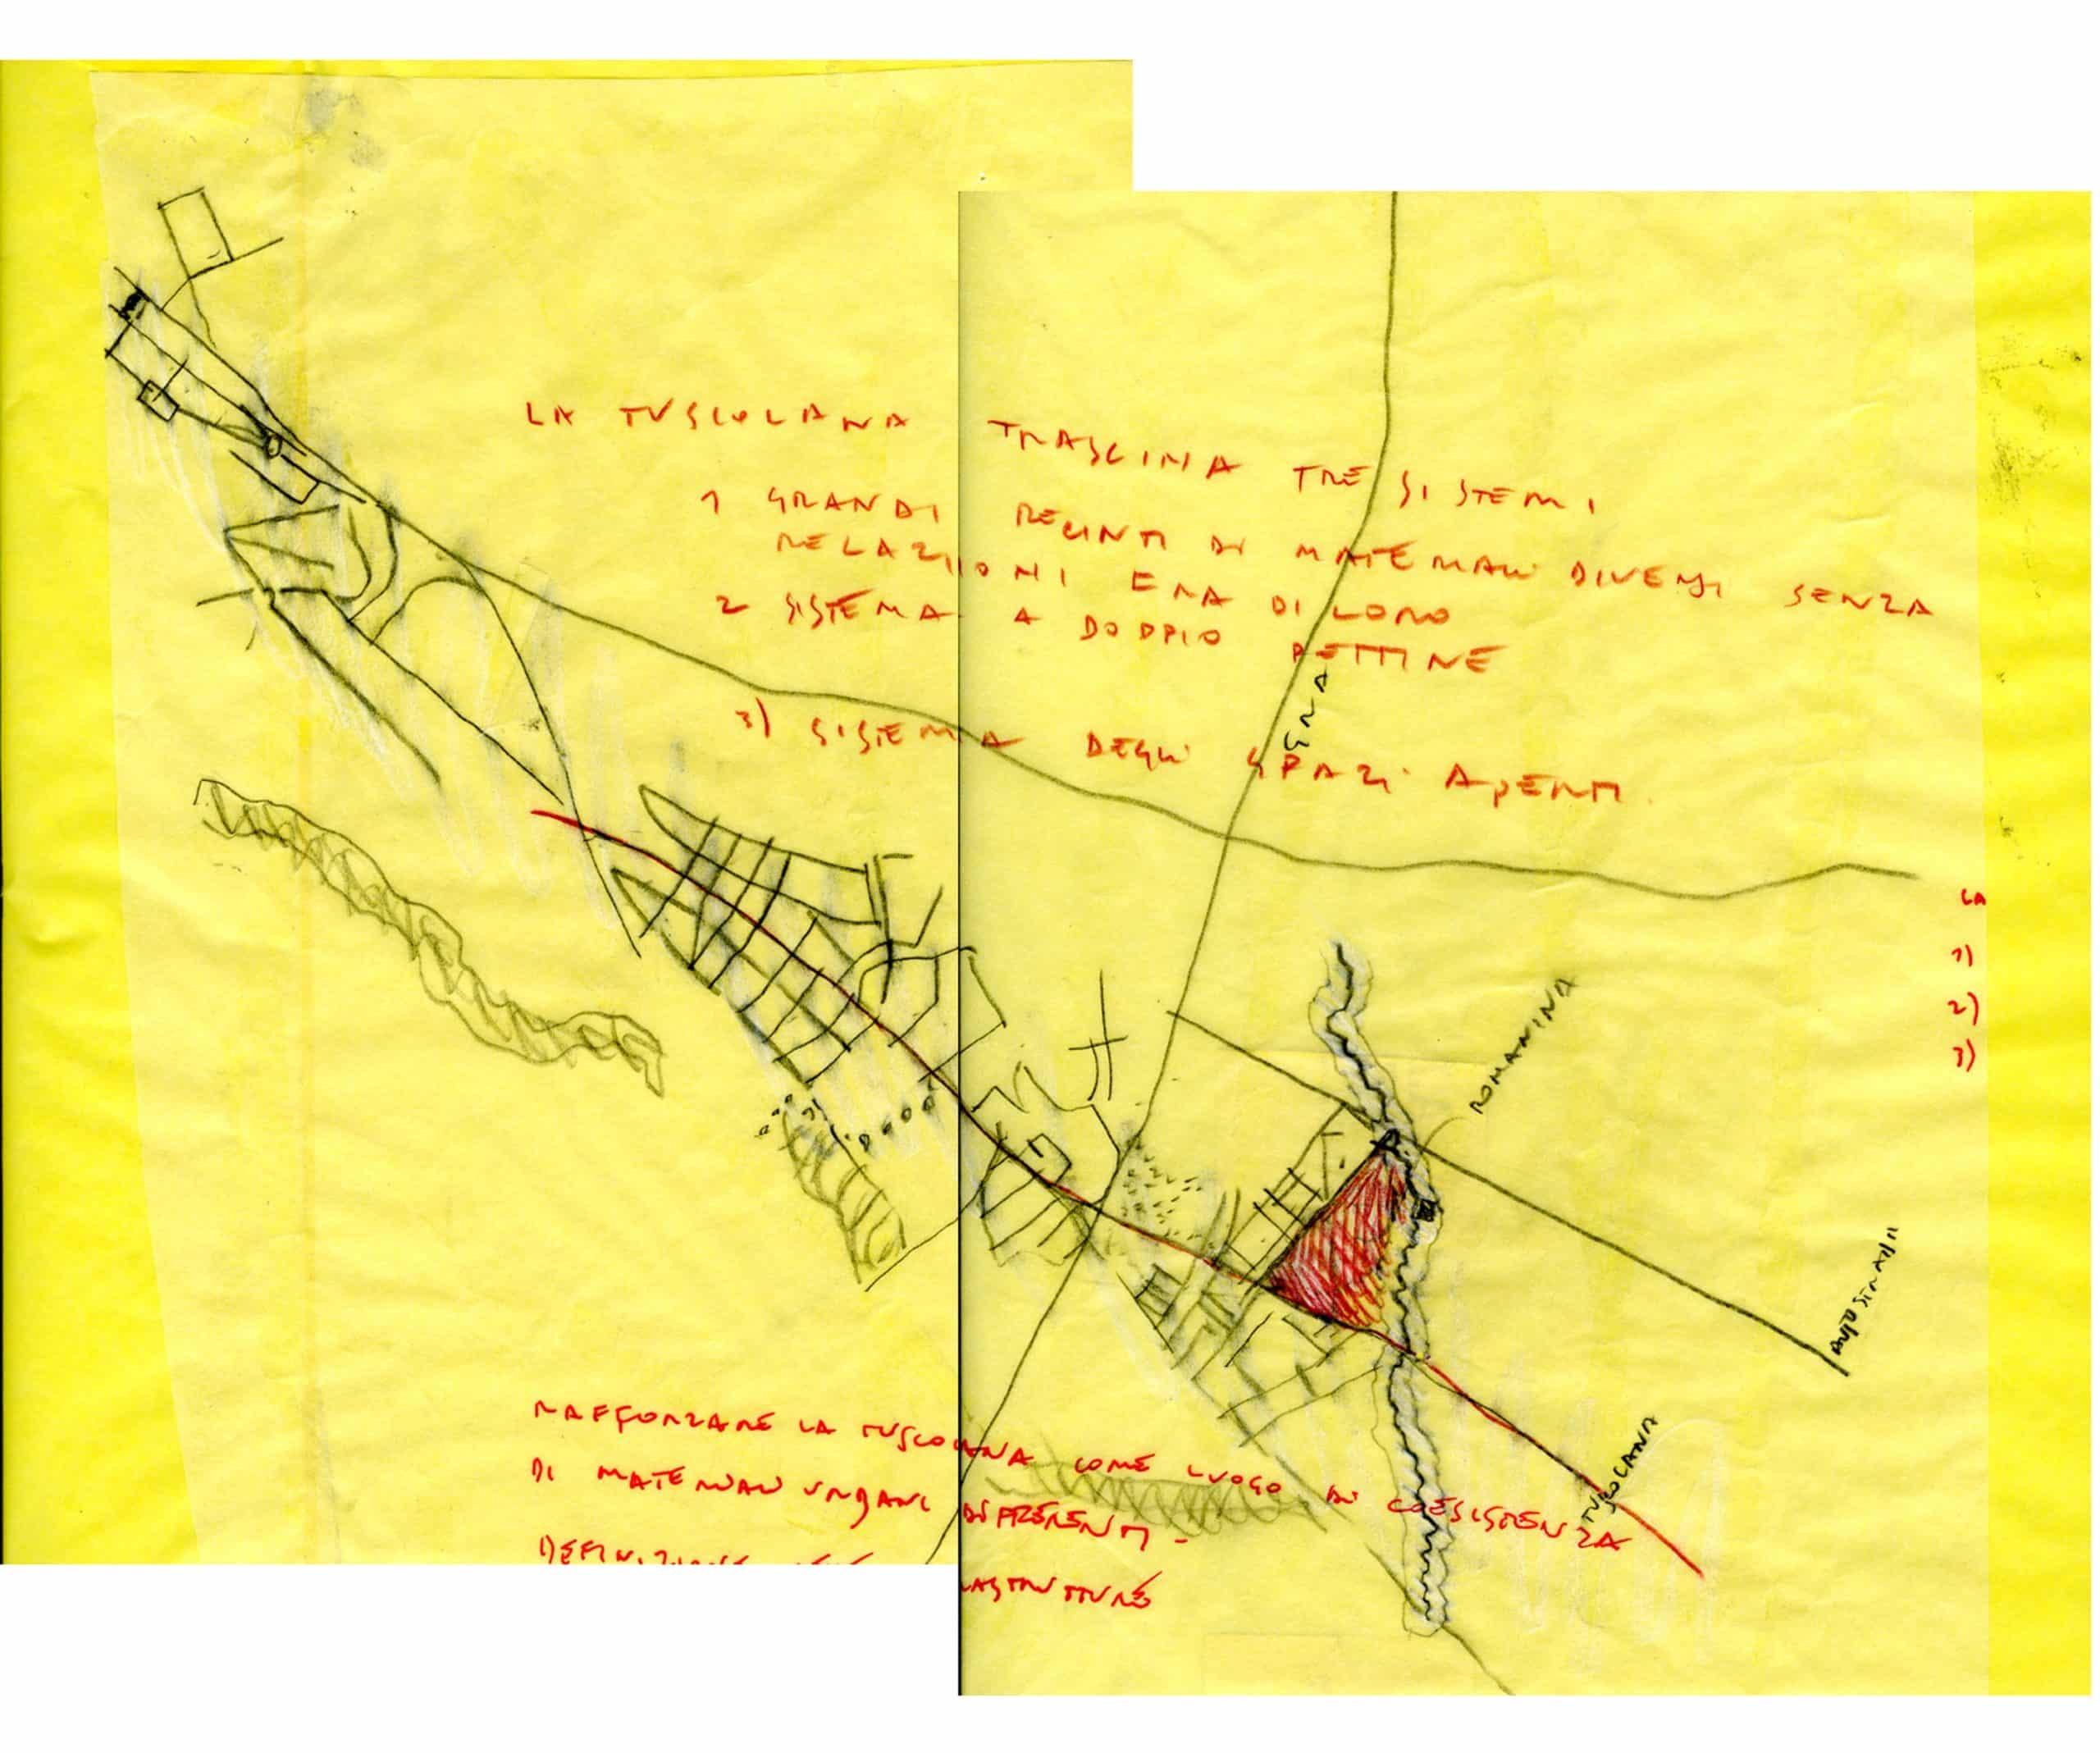 3 ANDRIANI, romanina centralità territoriale , studio 2005